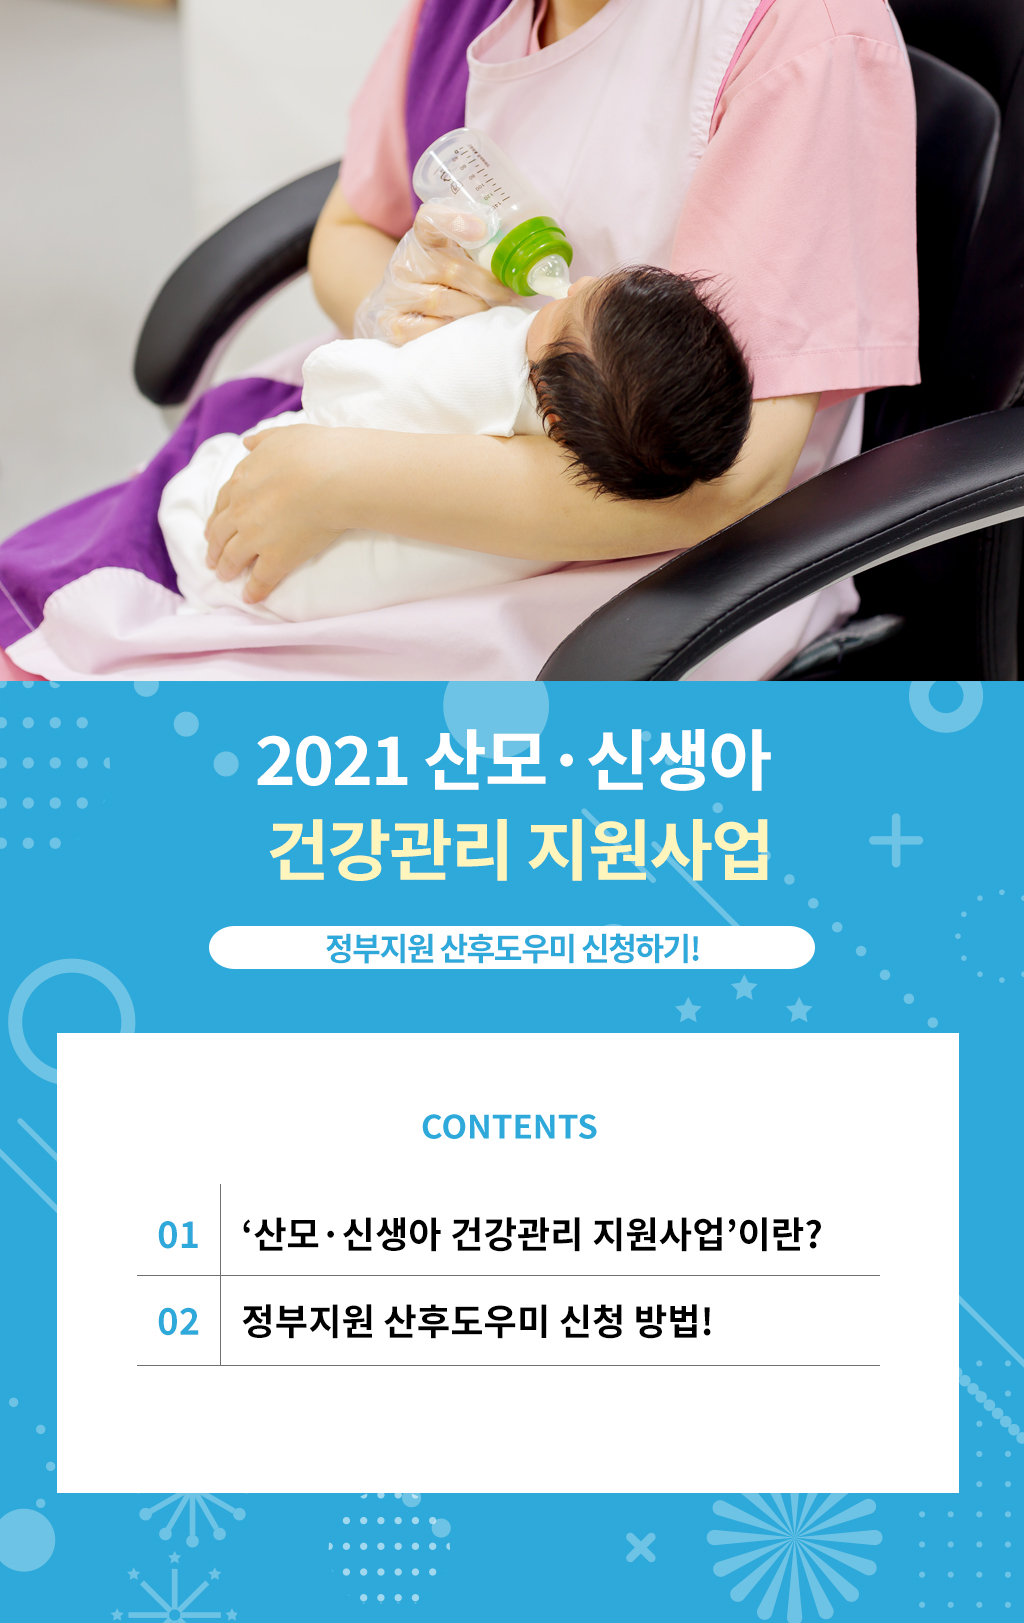 2021 산모 신생아 건강관리 지원사업